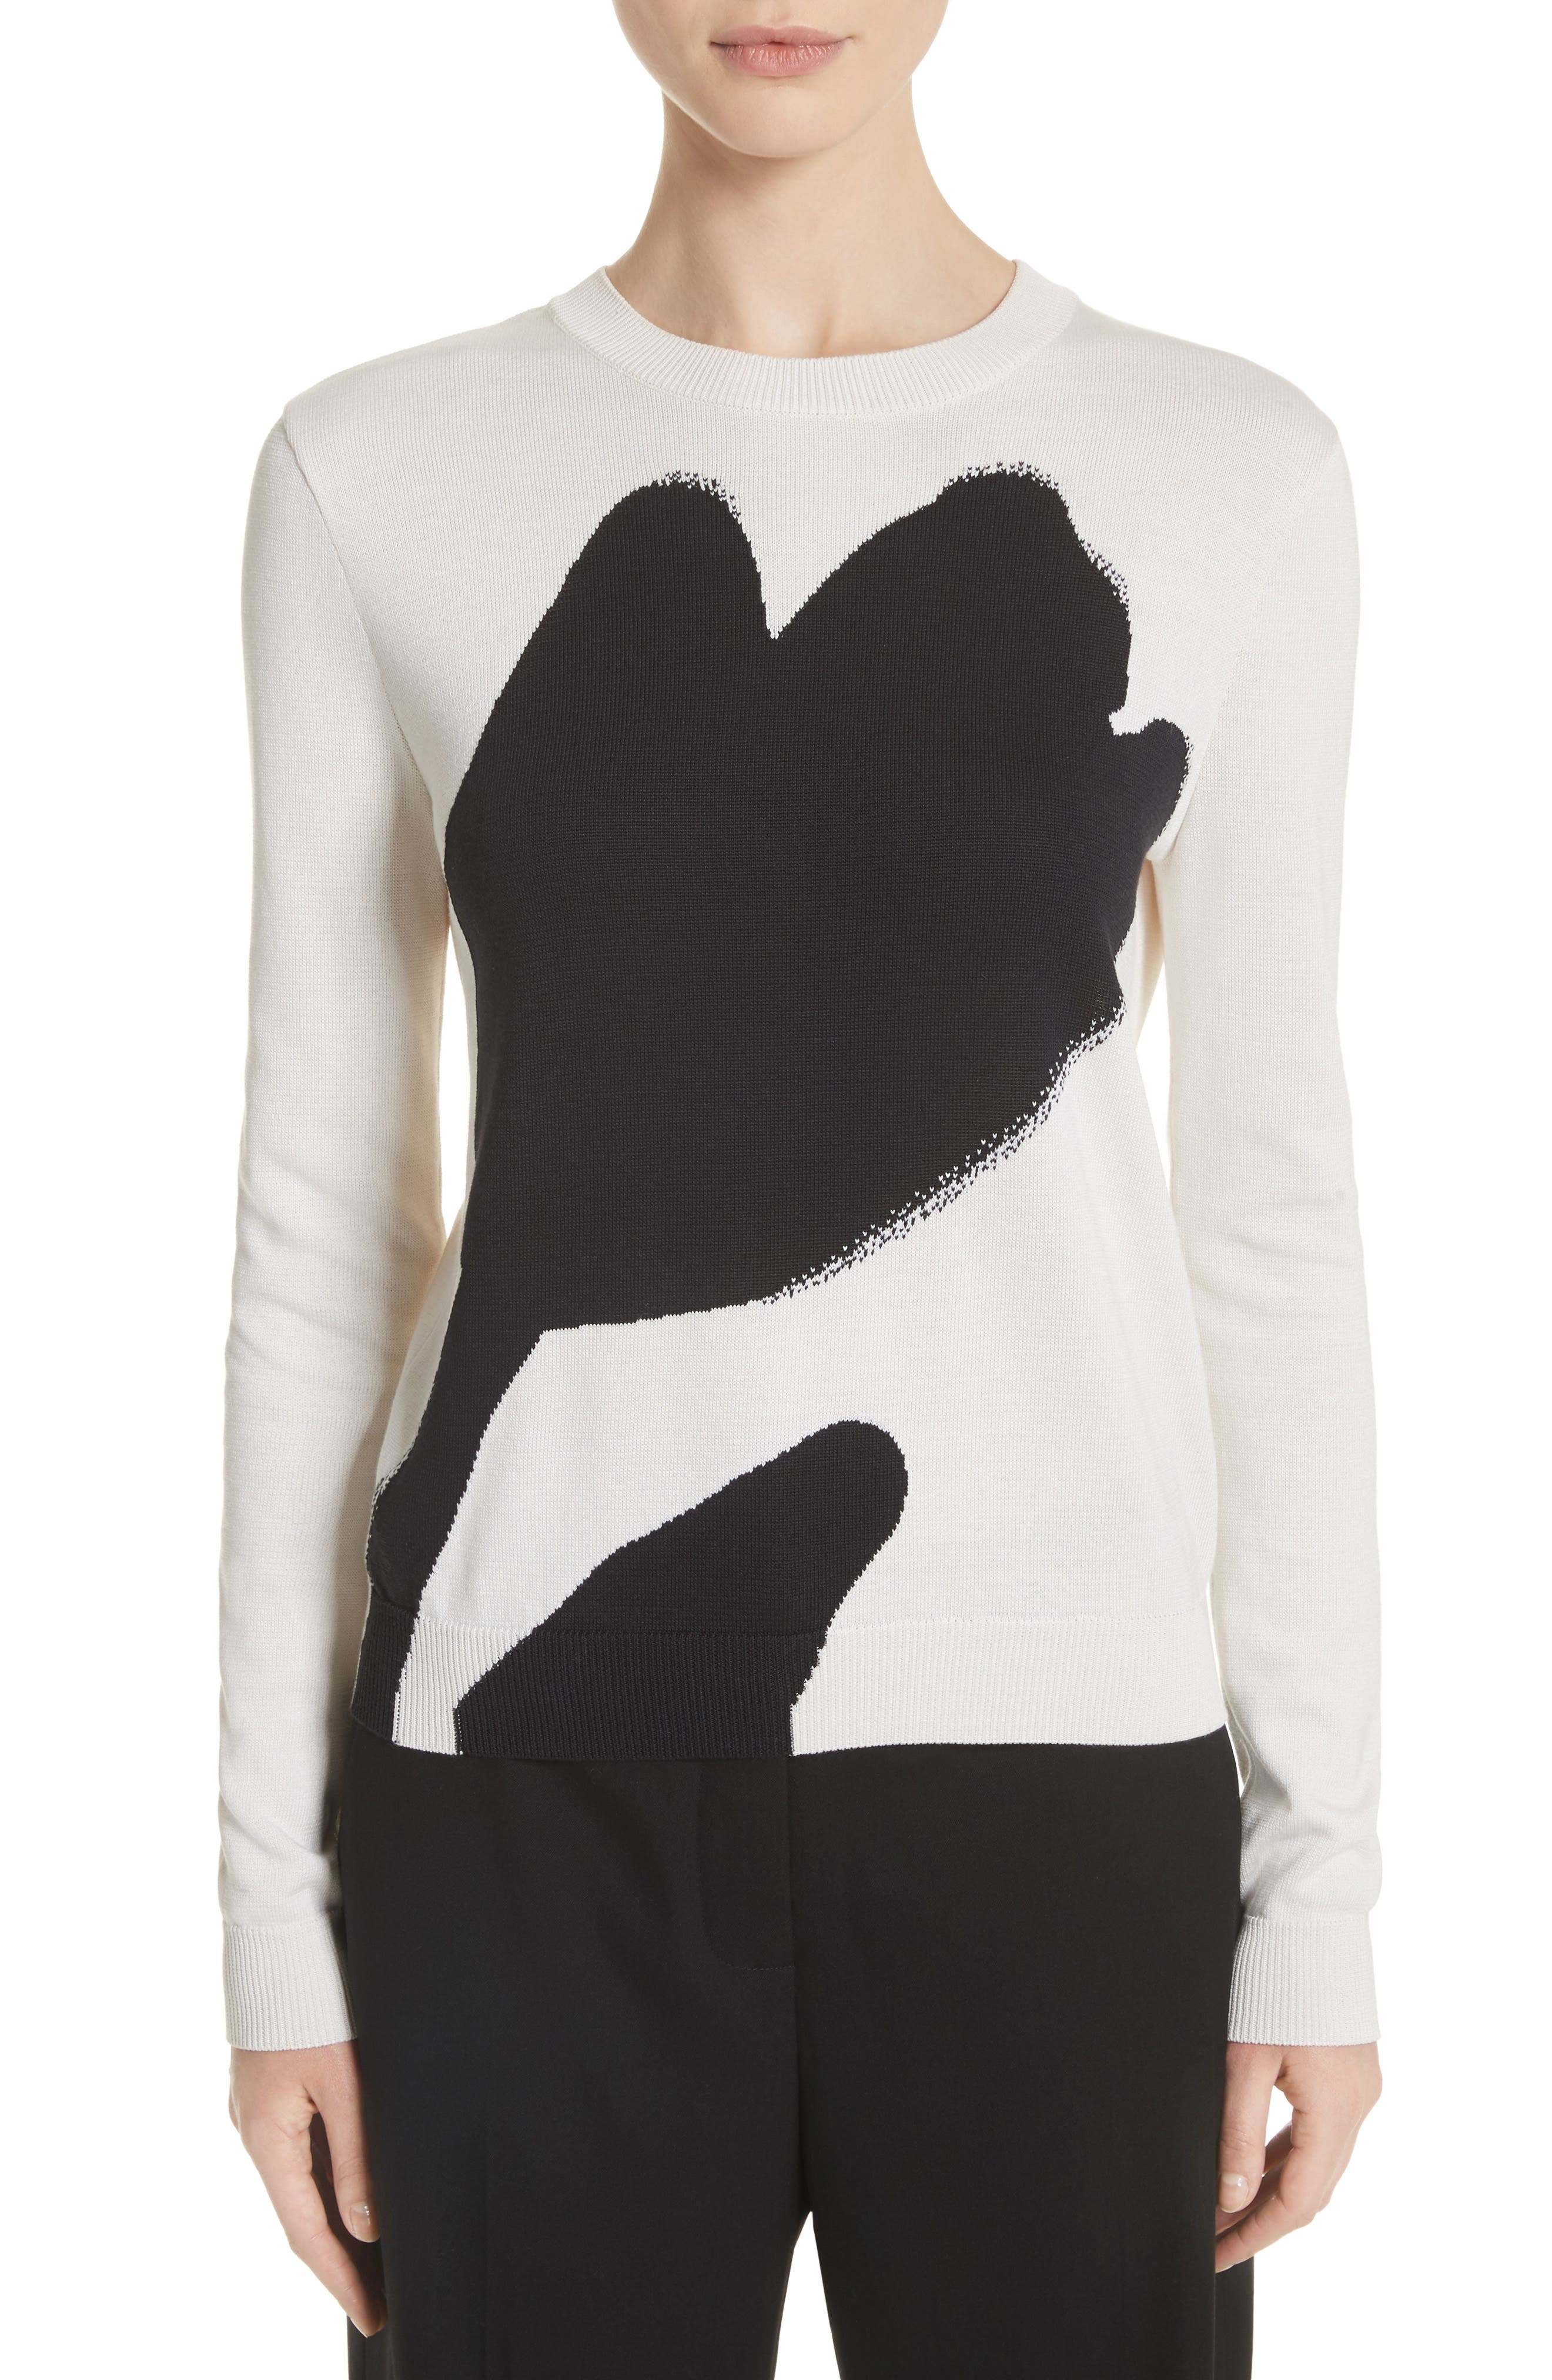 Oscar de la Renta Tulip Intarsia Knit Silk & Cotton Sweater